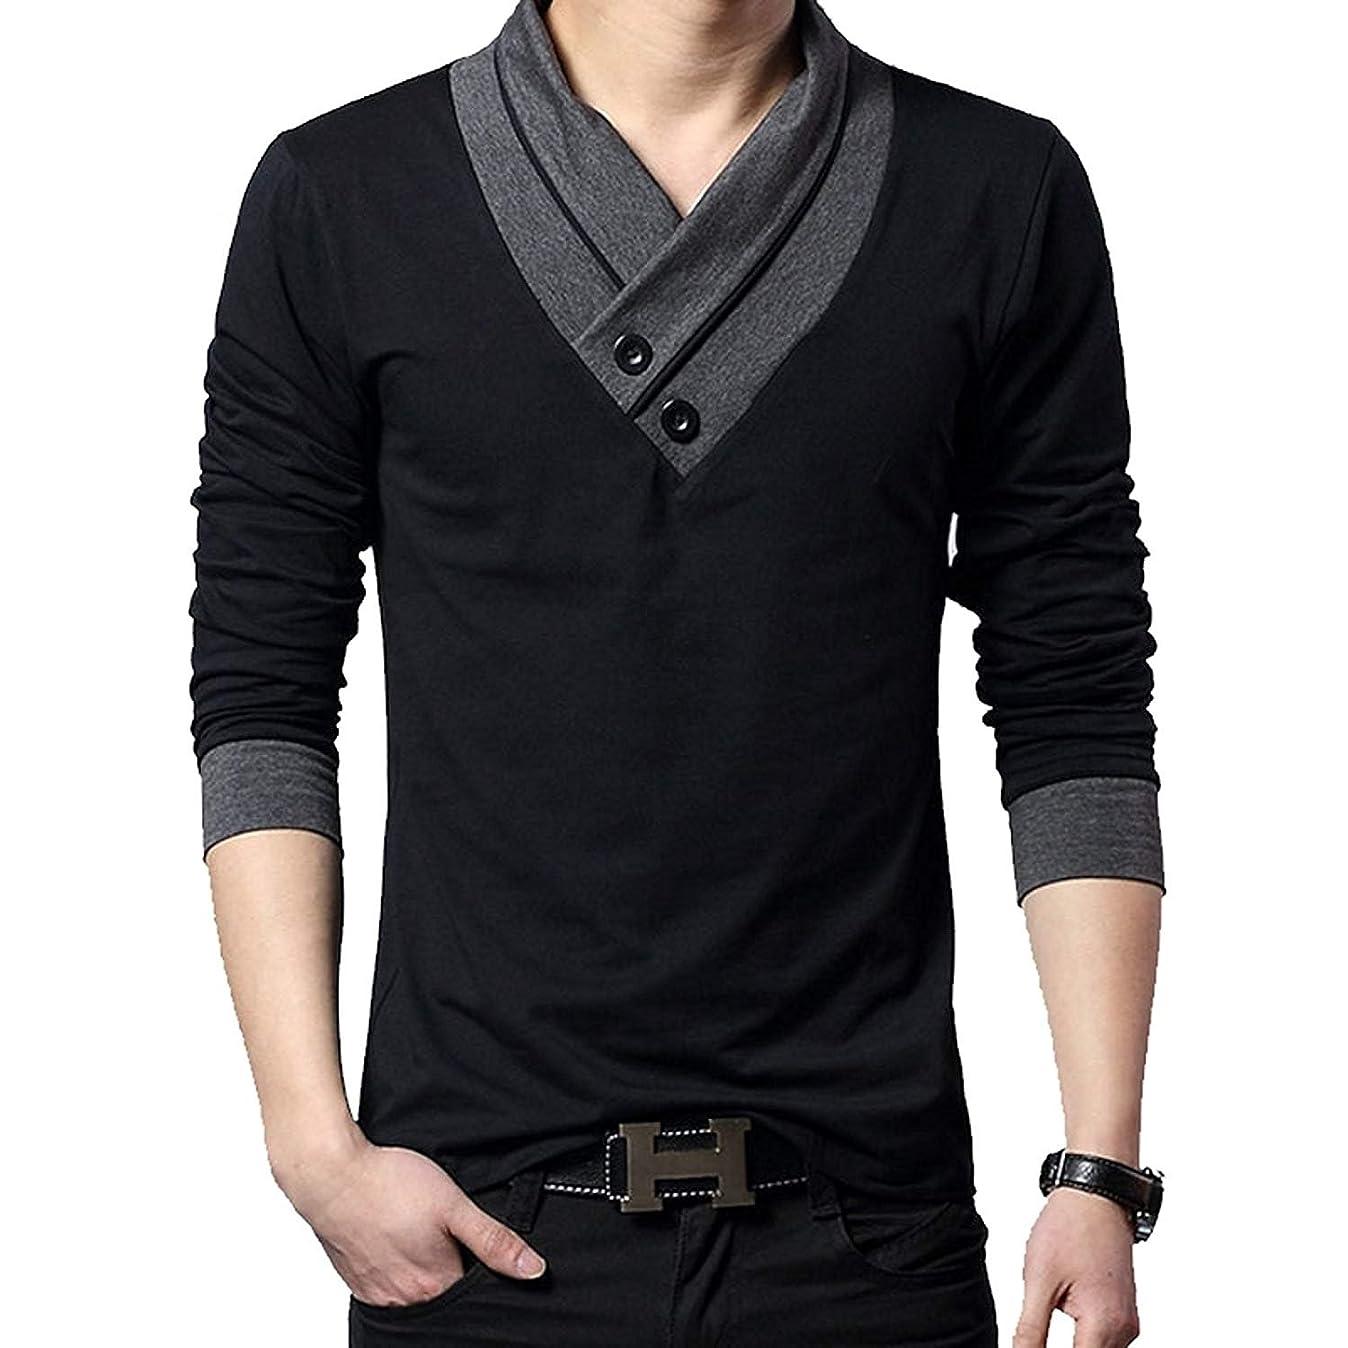 抜け目がない命令お酢(メイク トゥ ビー) Make 2 Be スリム Vネック 半袖 Tシャツ スカーフ風 カジュアル シャツ MF01